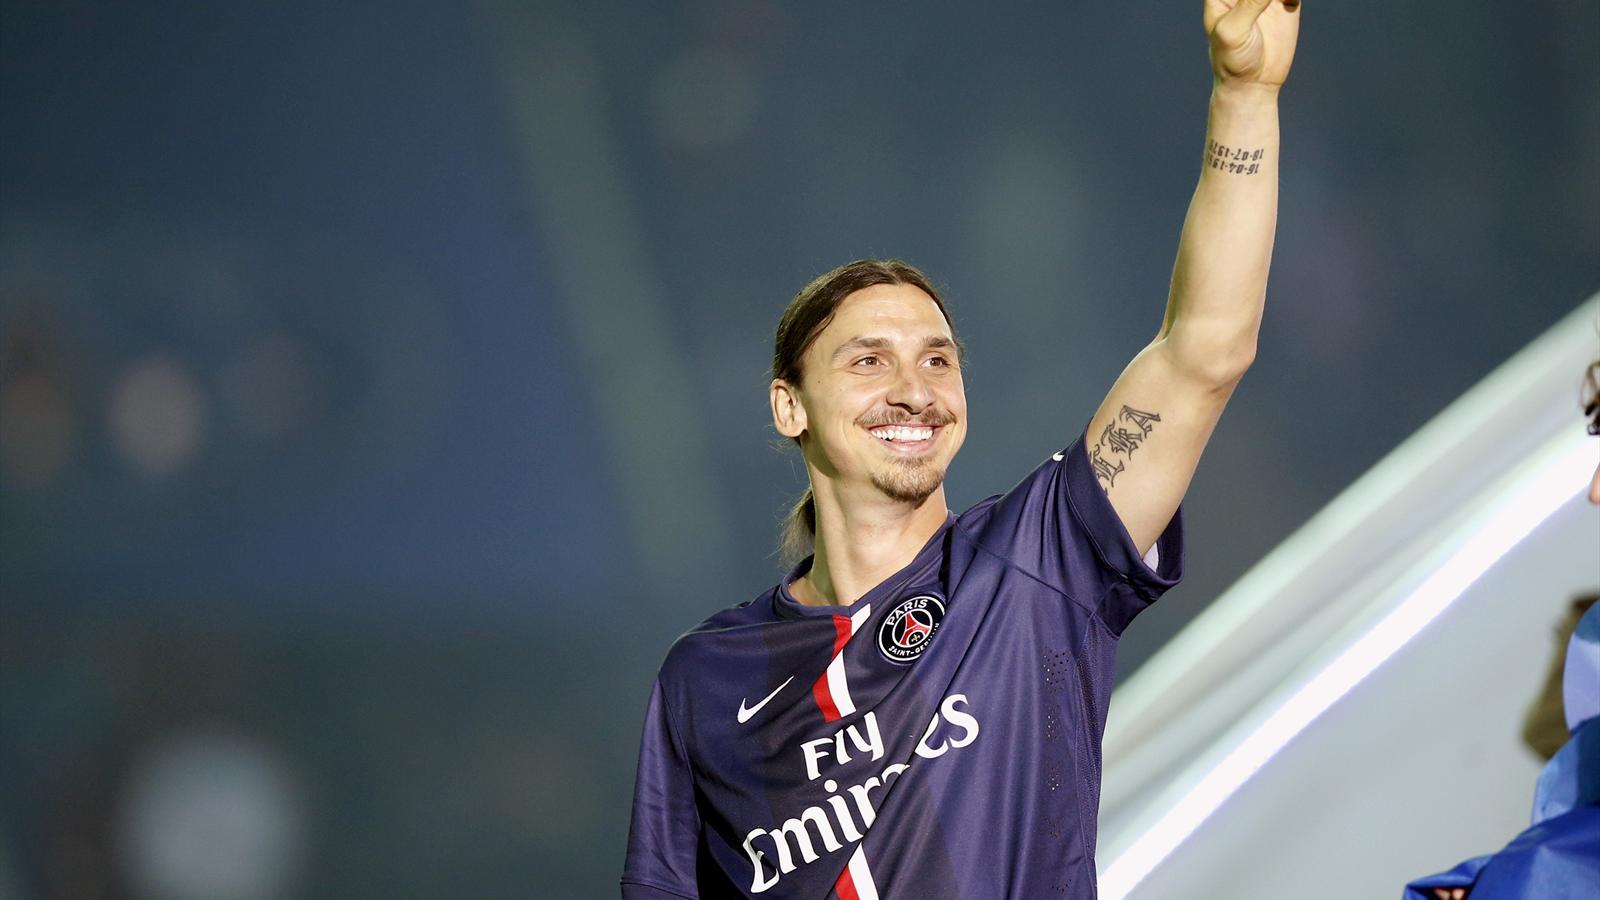 Paris St Germain's Zlatan Ibrahimovic salutes the fans